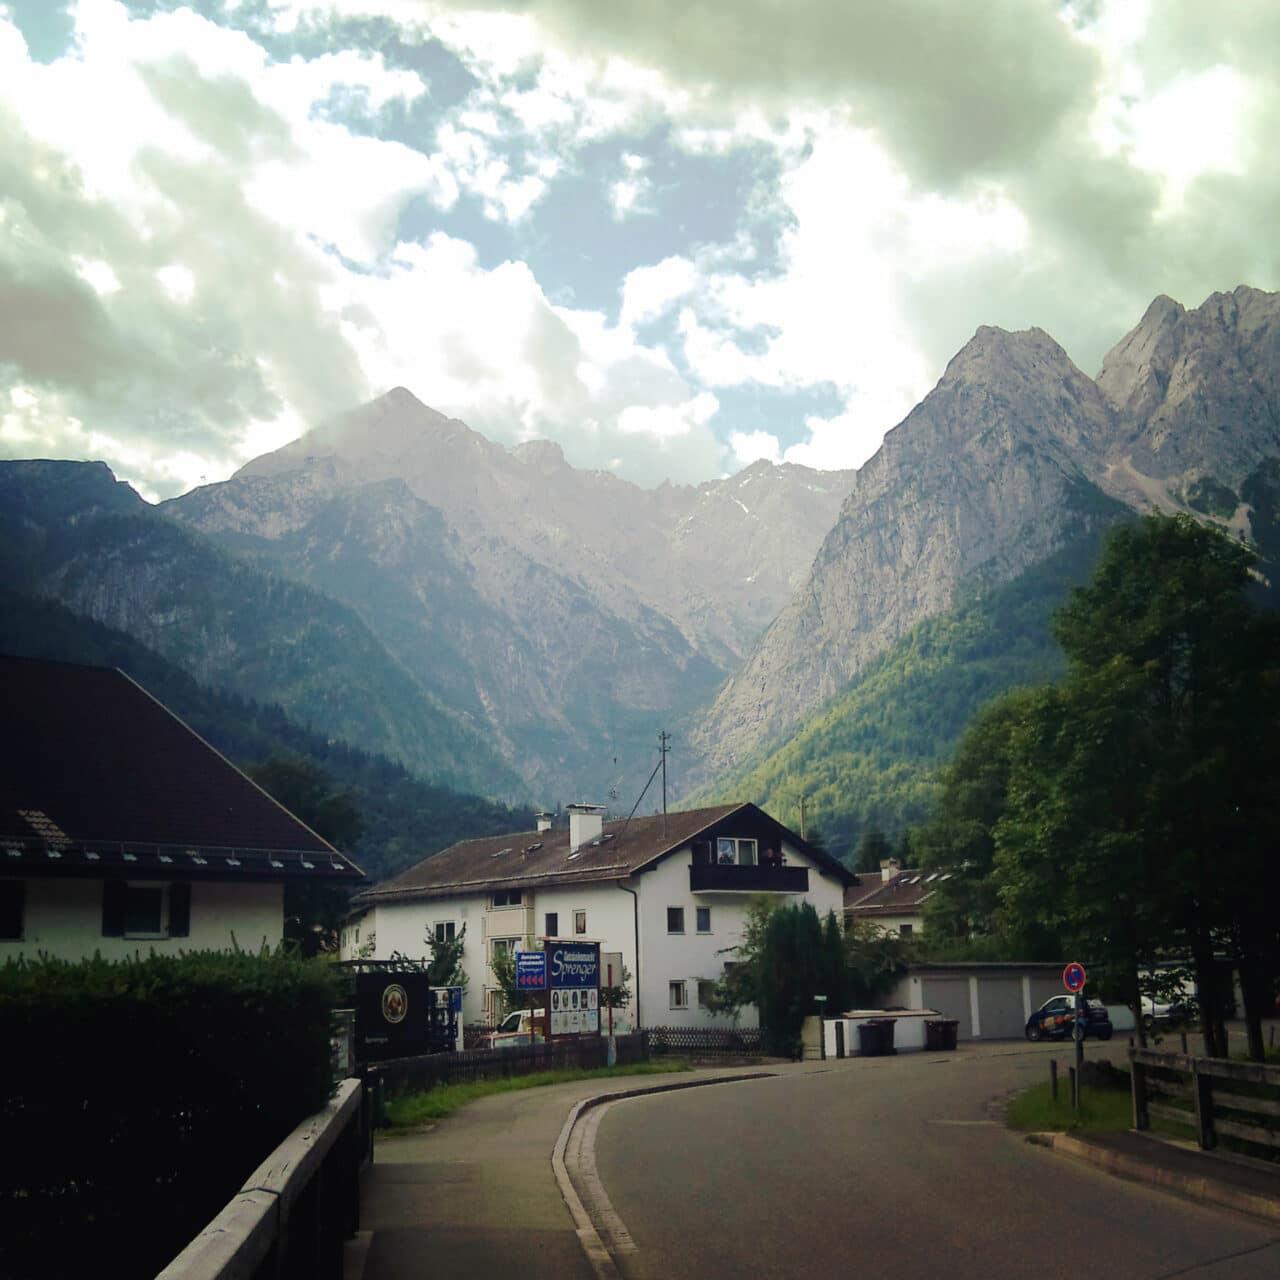 Verschlafen und ruhig liegt Hammersbach, während das gleichnamige Fluß´l geräuschvoll vorbeitost.